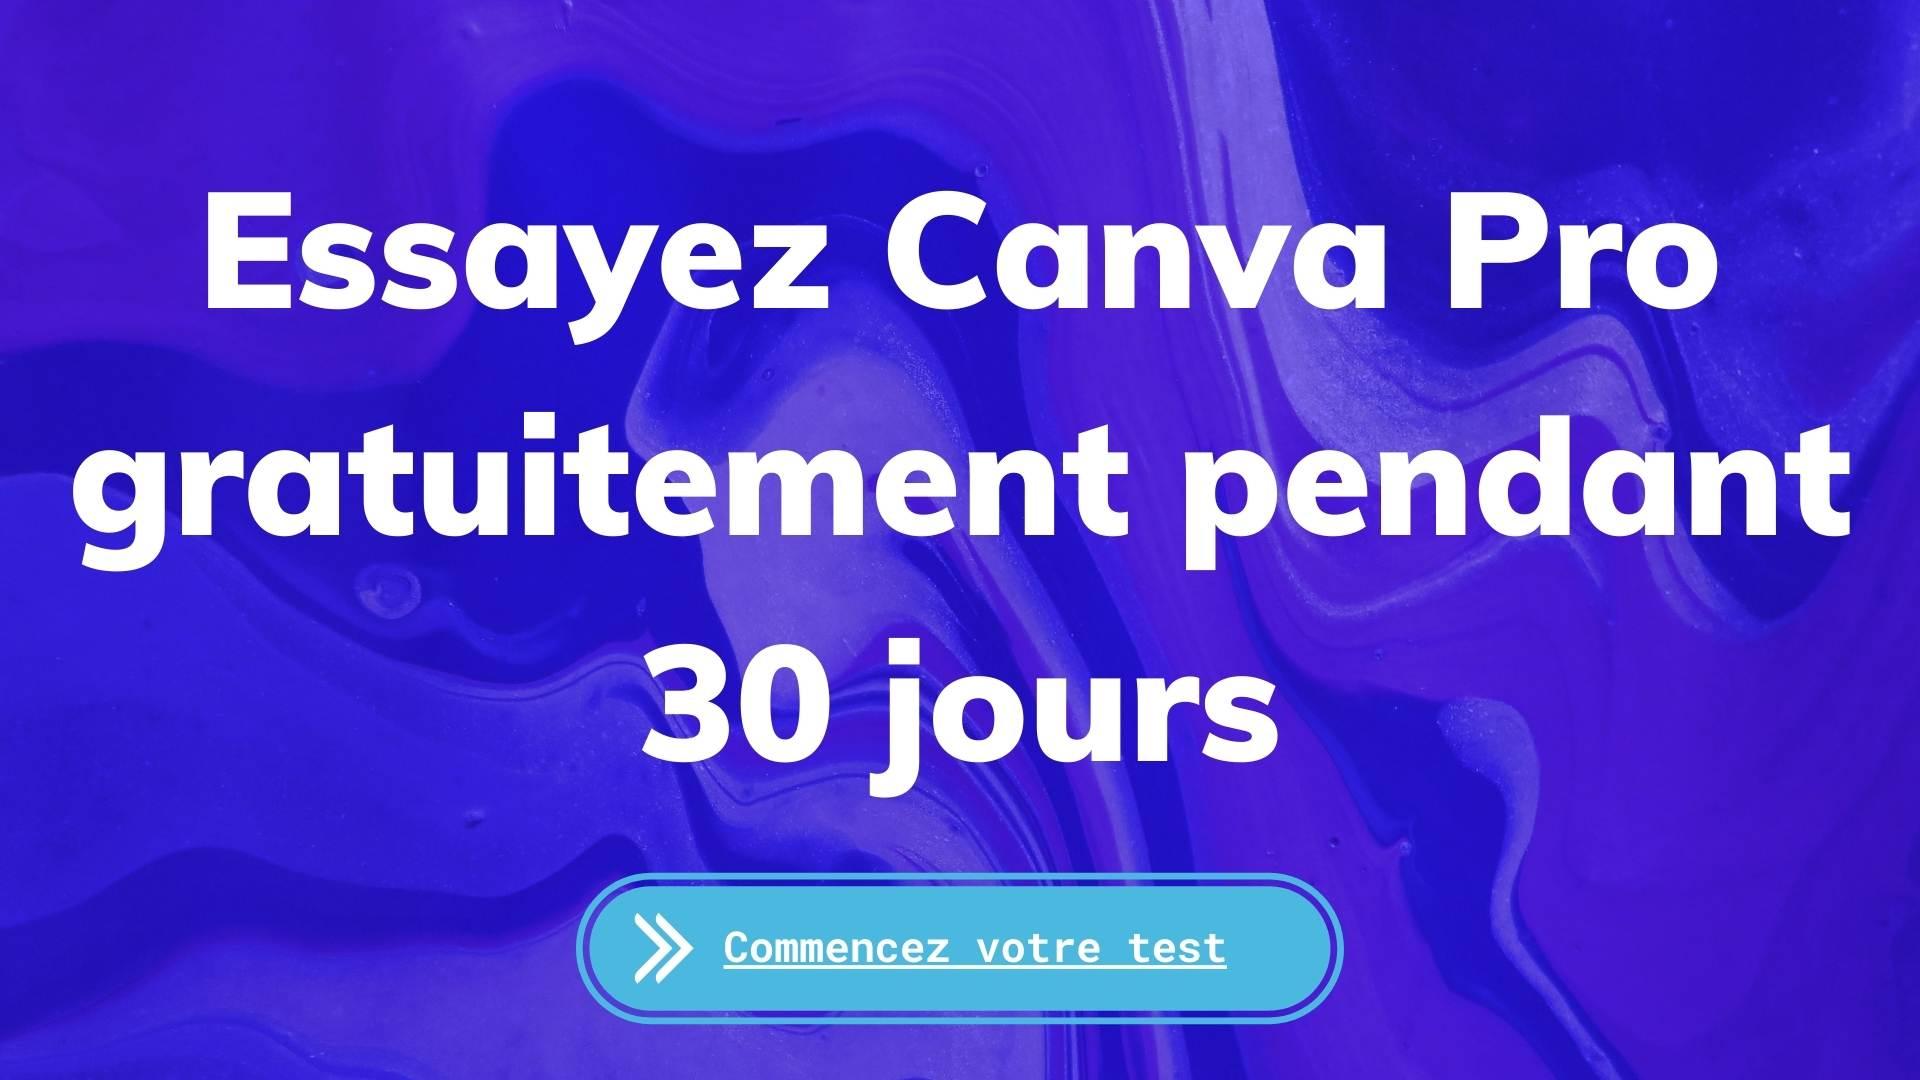 Essayez Canva Pro gratuitement pendant 30 jours